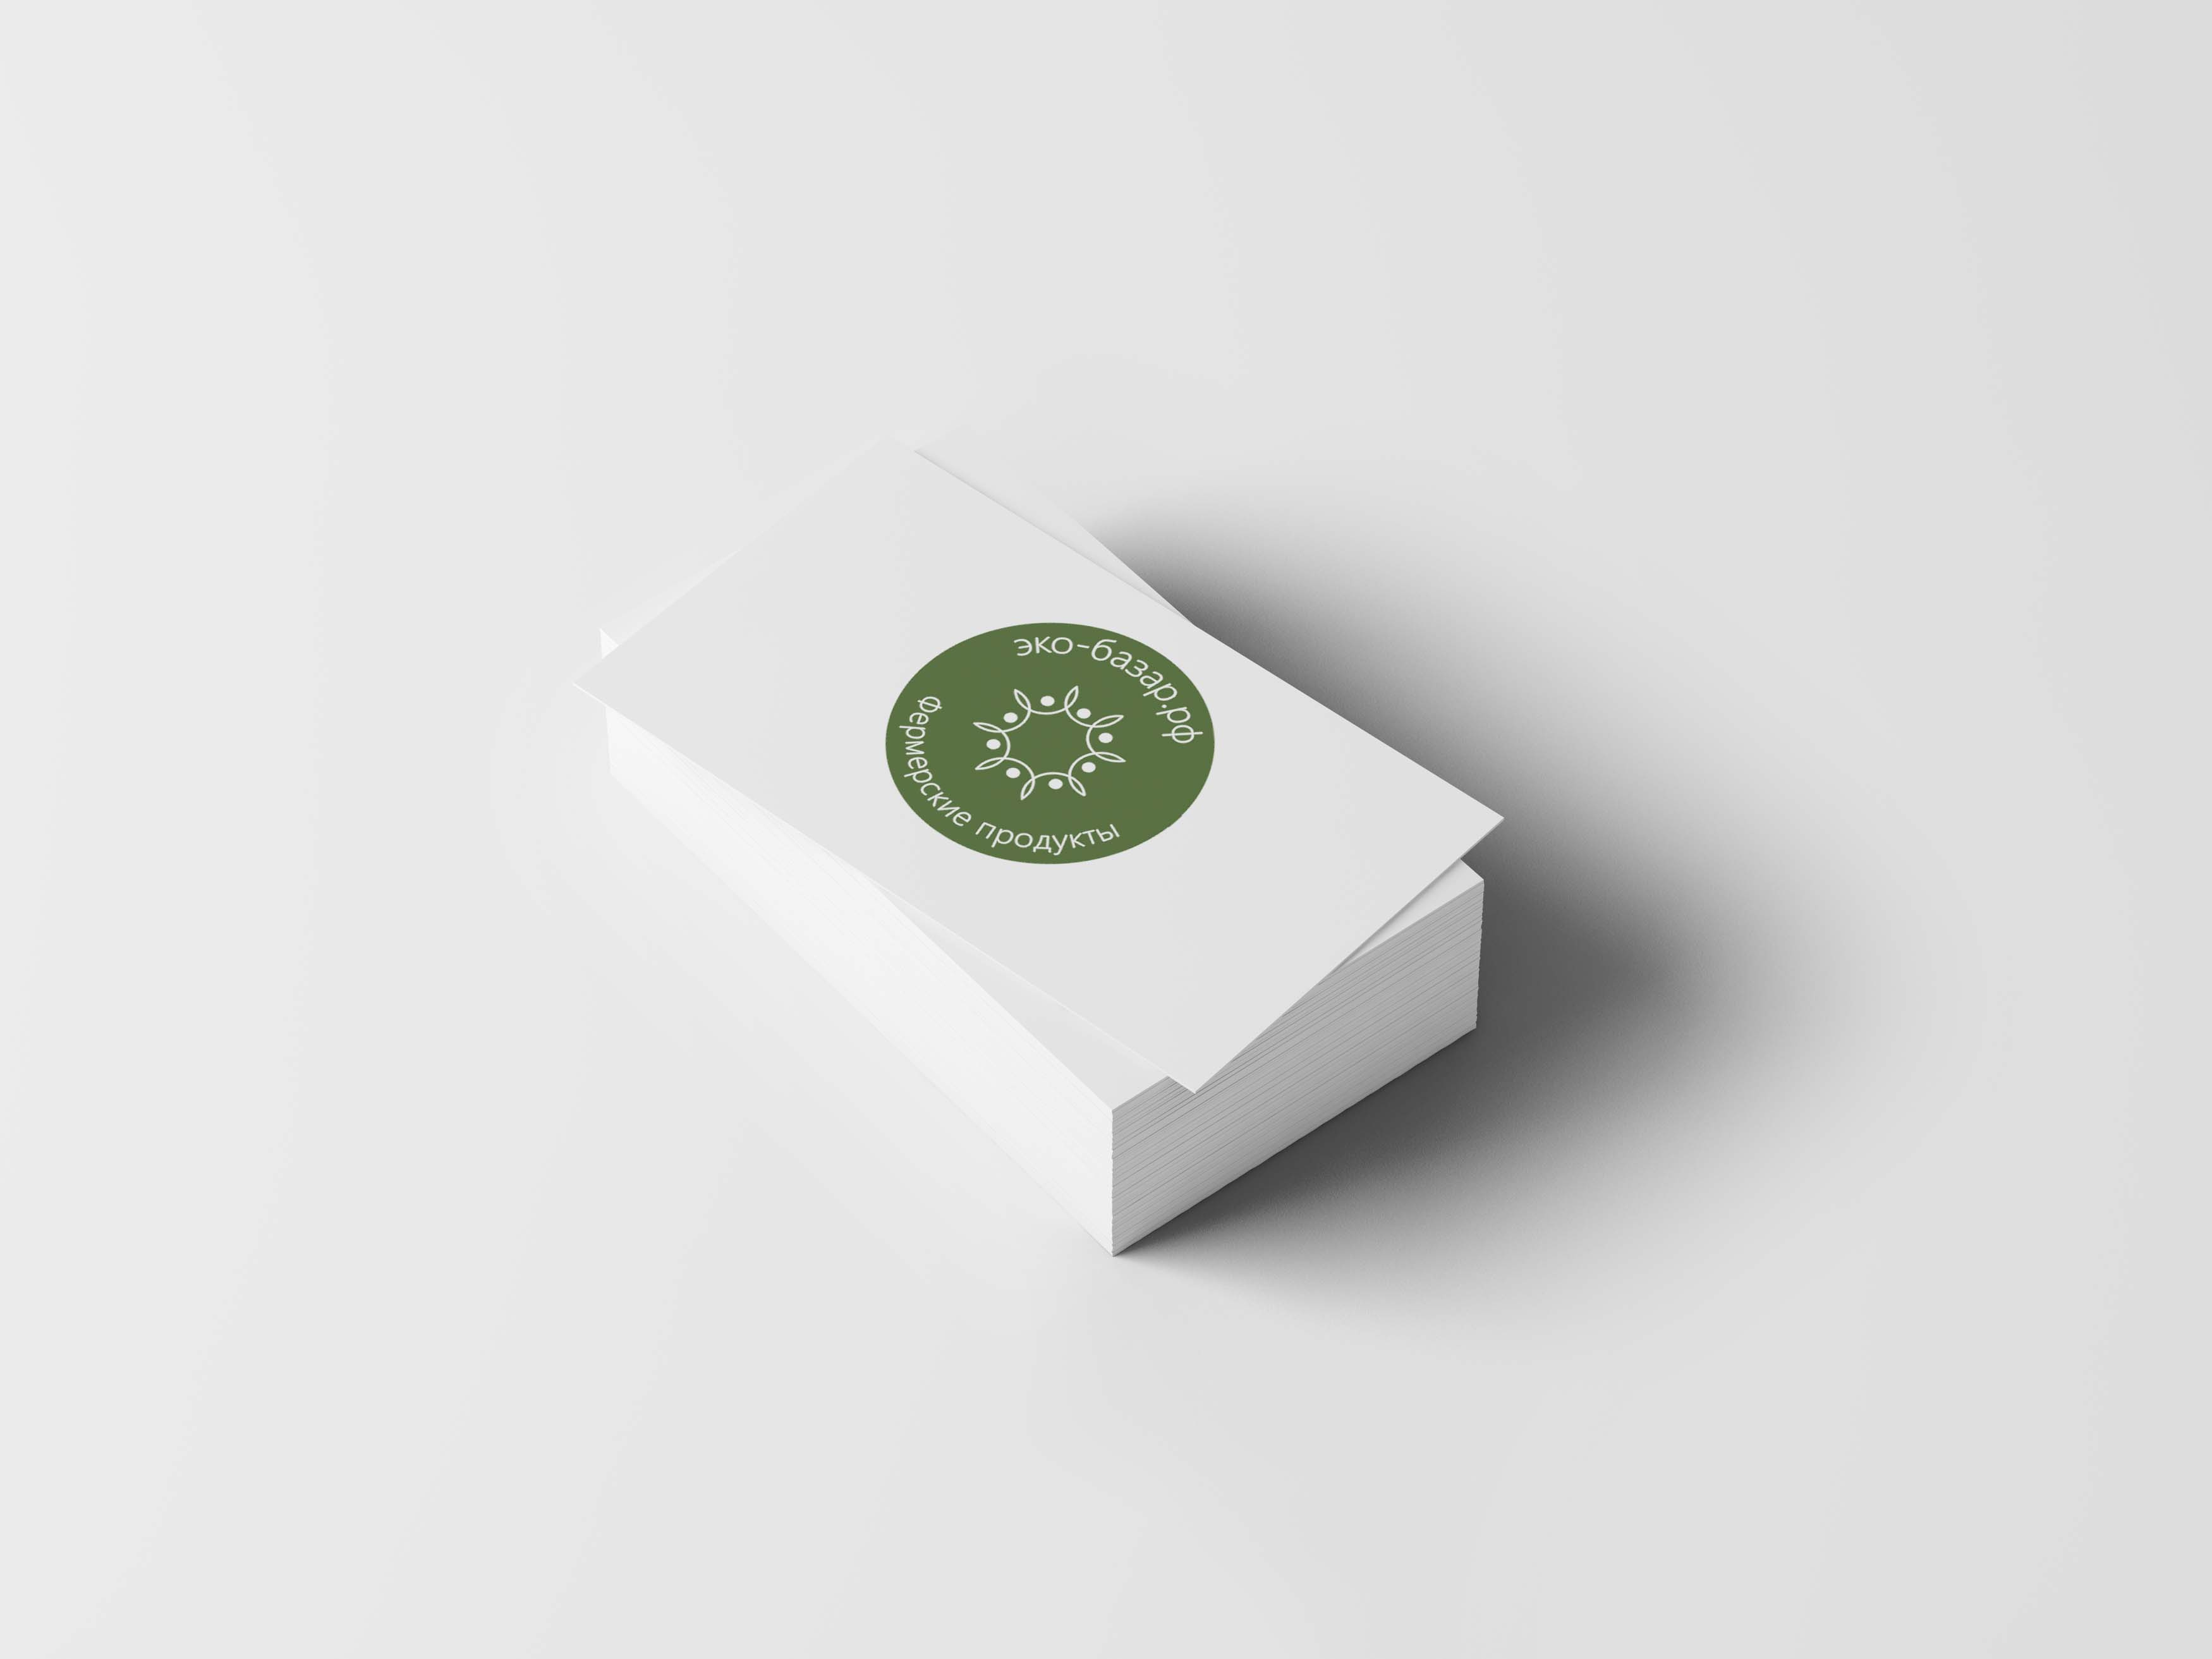 Логотип компании натуральных (фермерских) продуктов фото f_44159406872aad8a.jpg